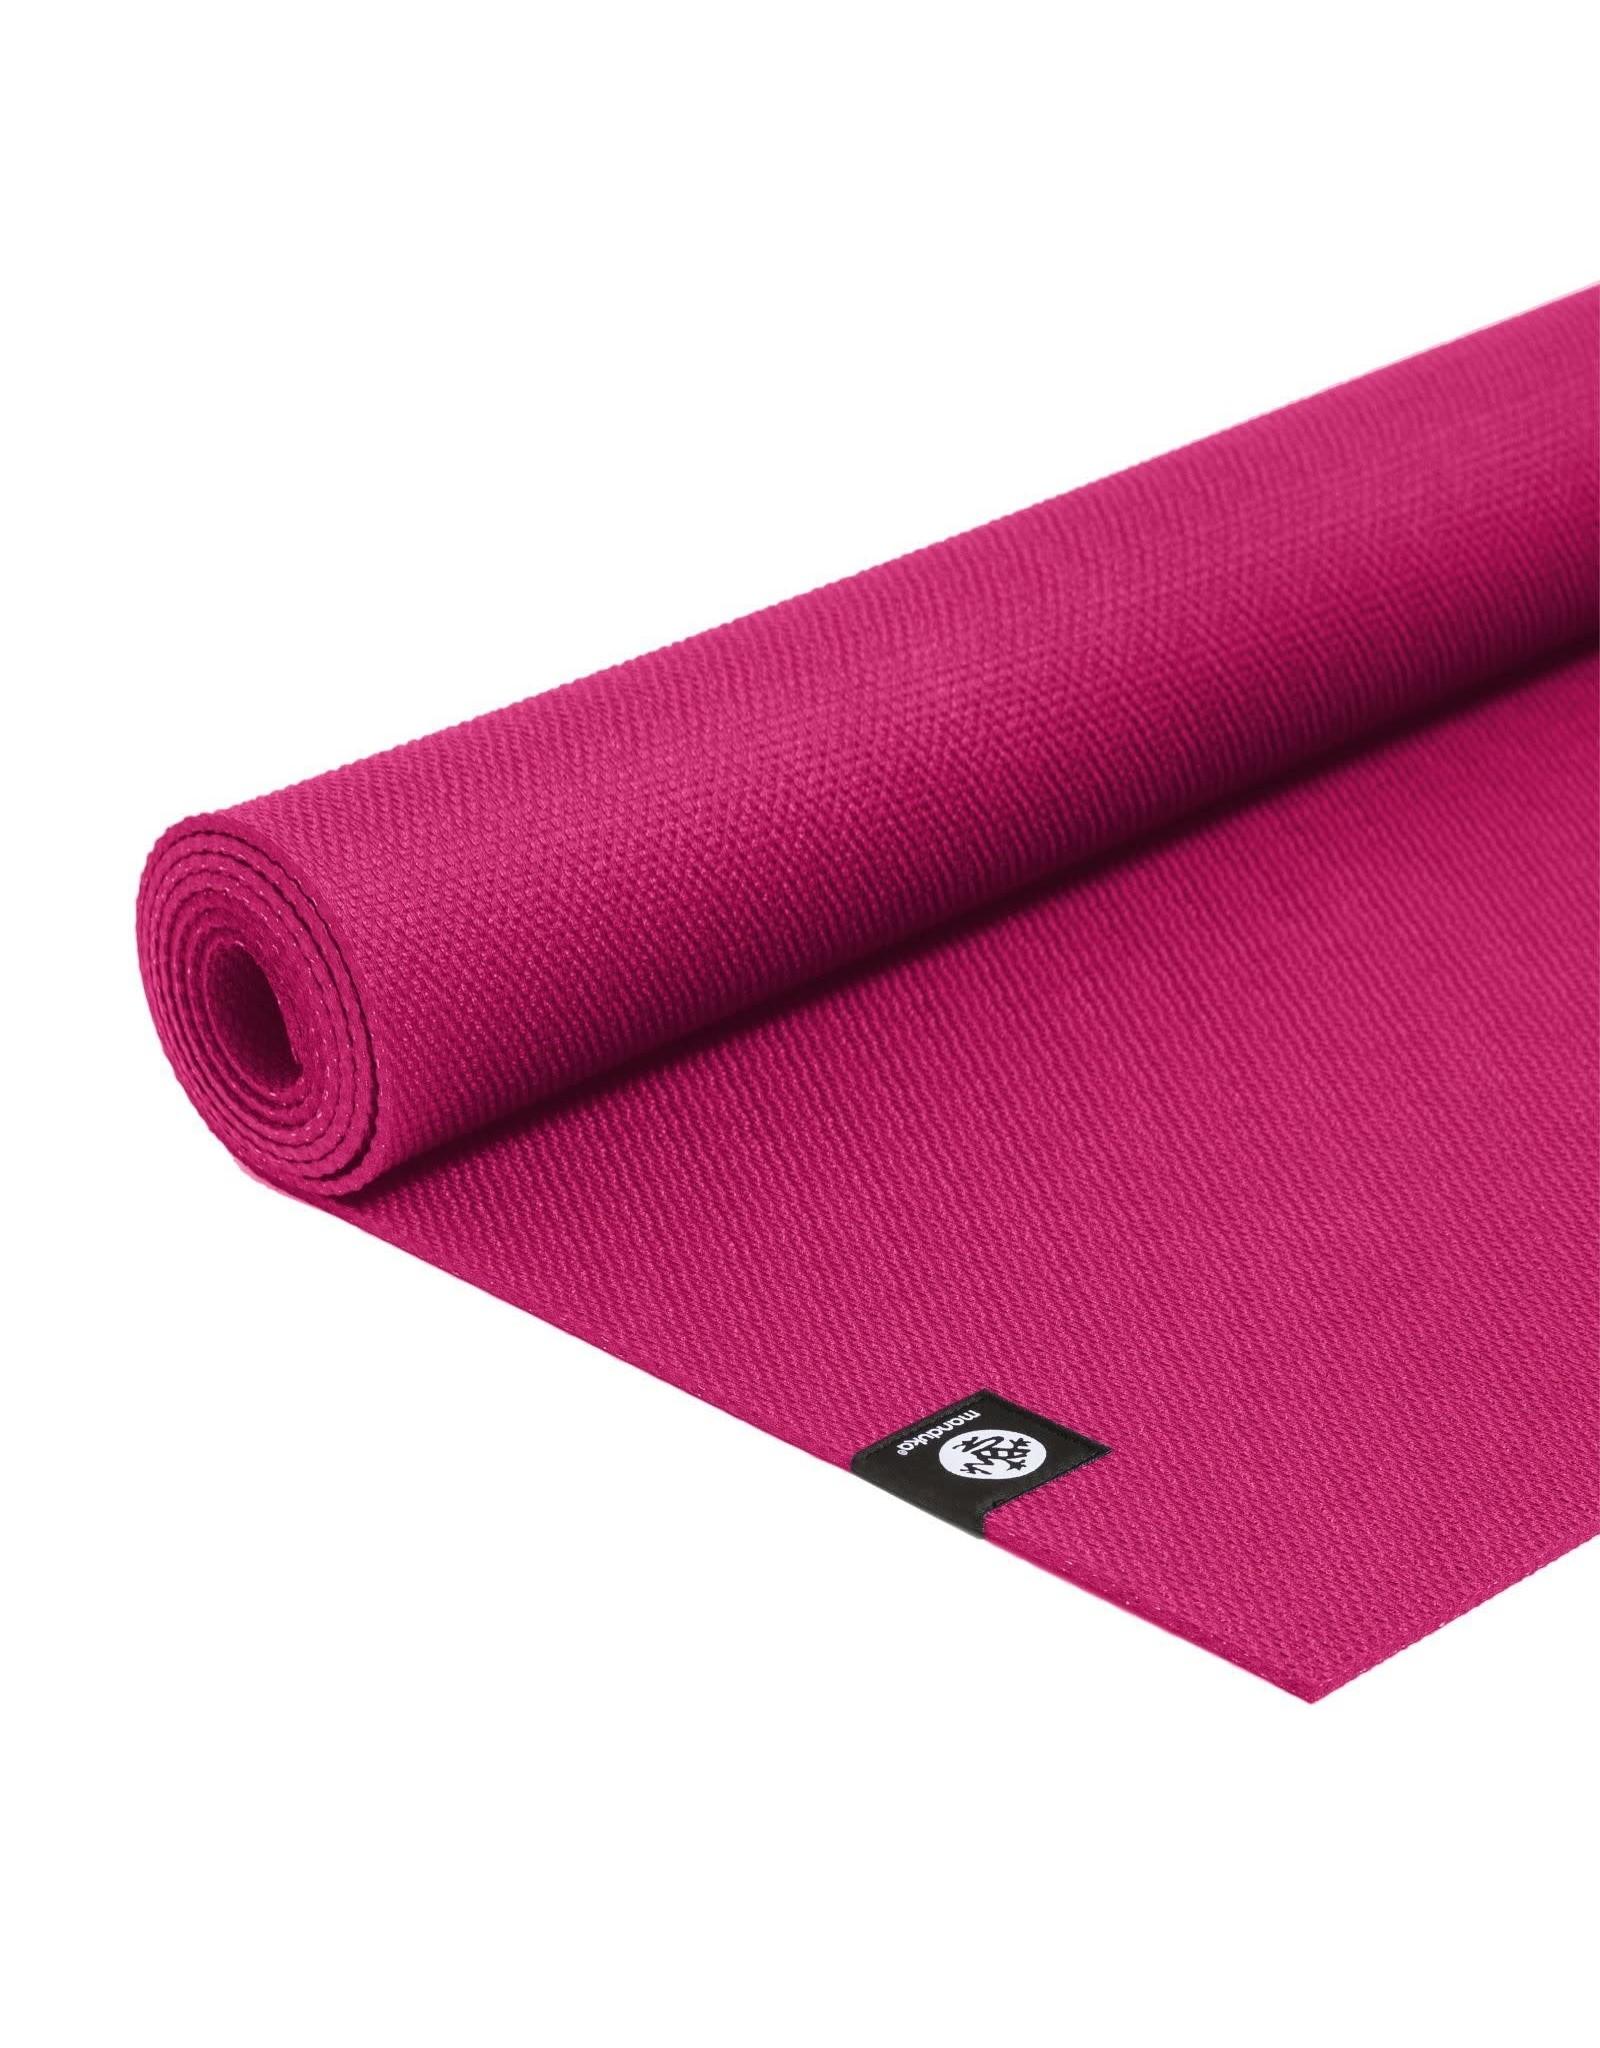 Manduka Manduka X training yoga mat-71 inch-Dark Pink 5mm